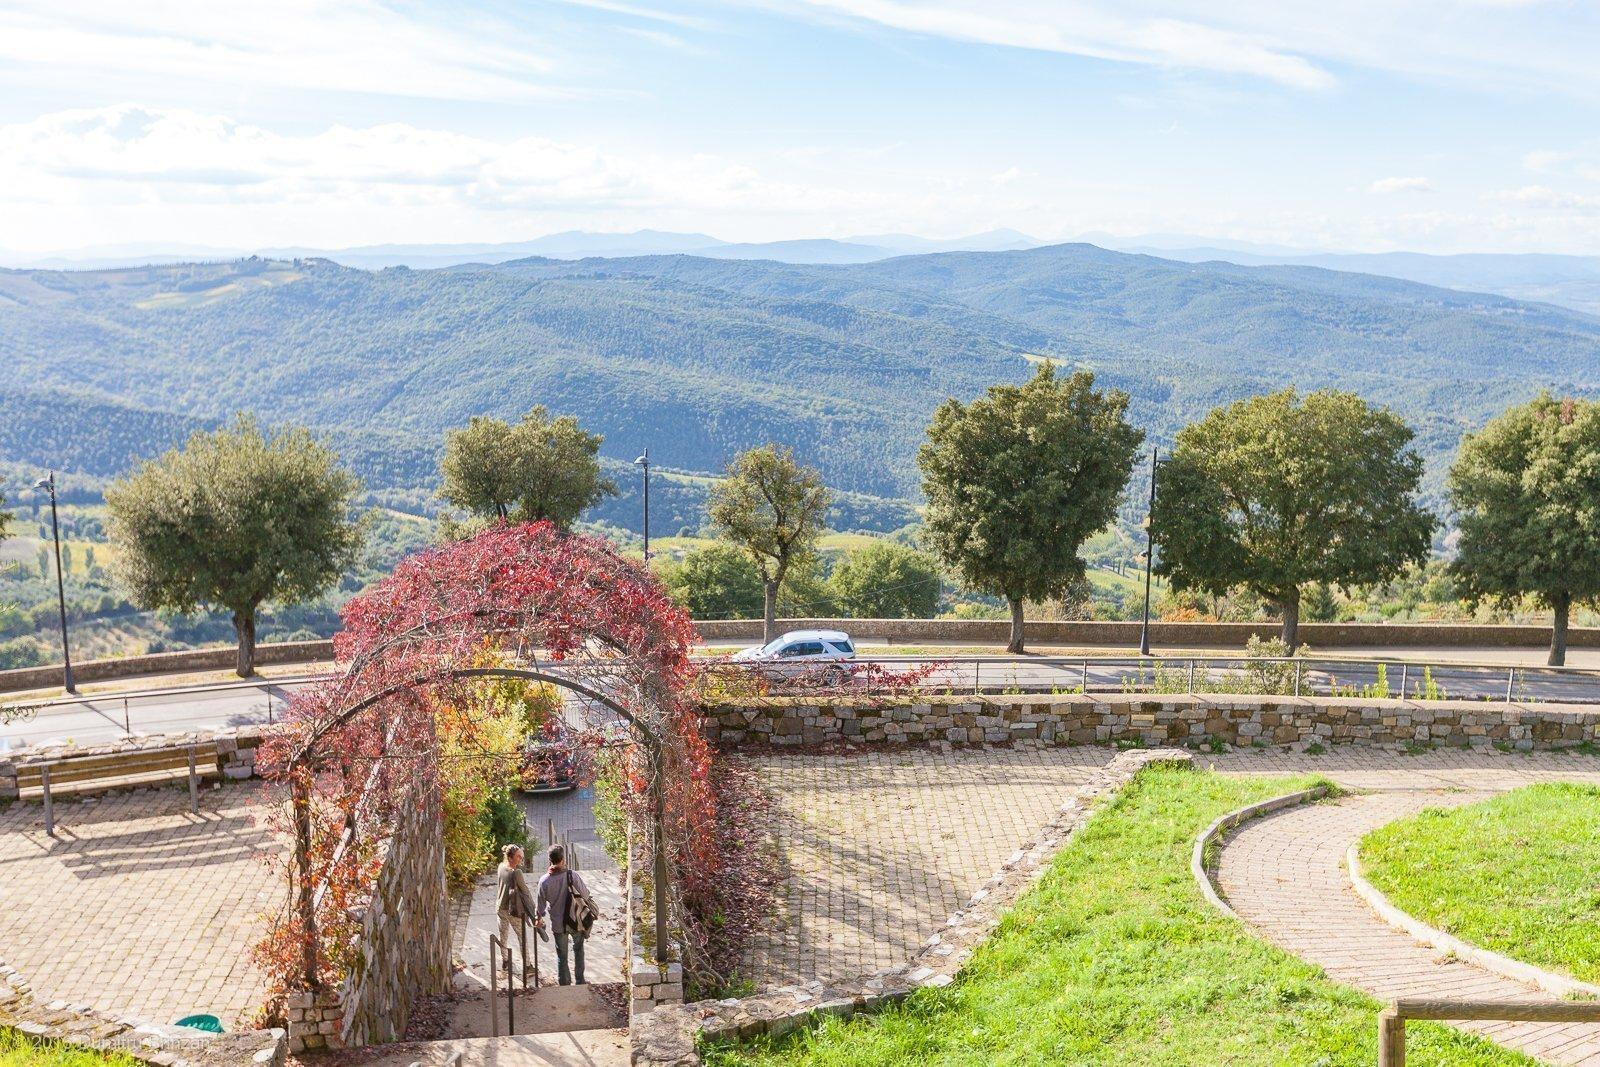 2016-montalcino-tuscany-italy-28-parking